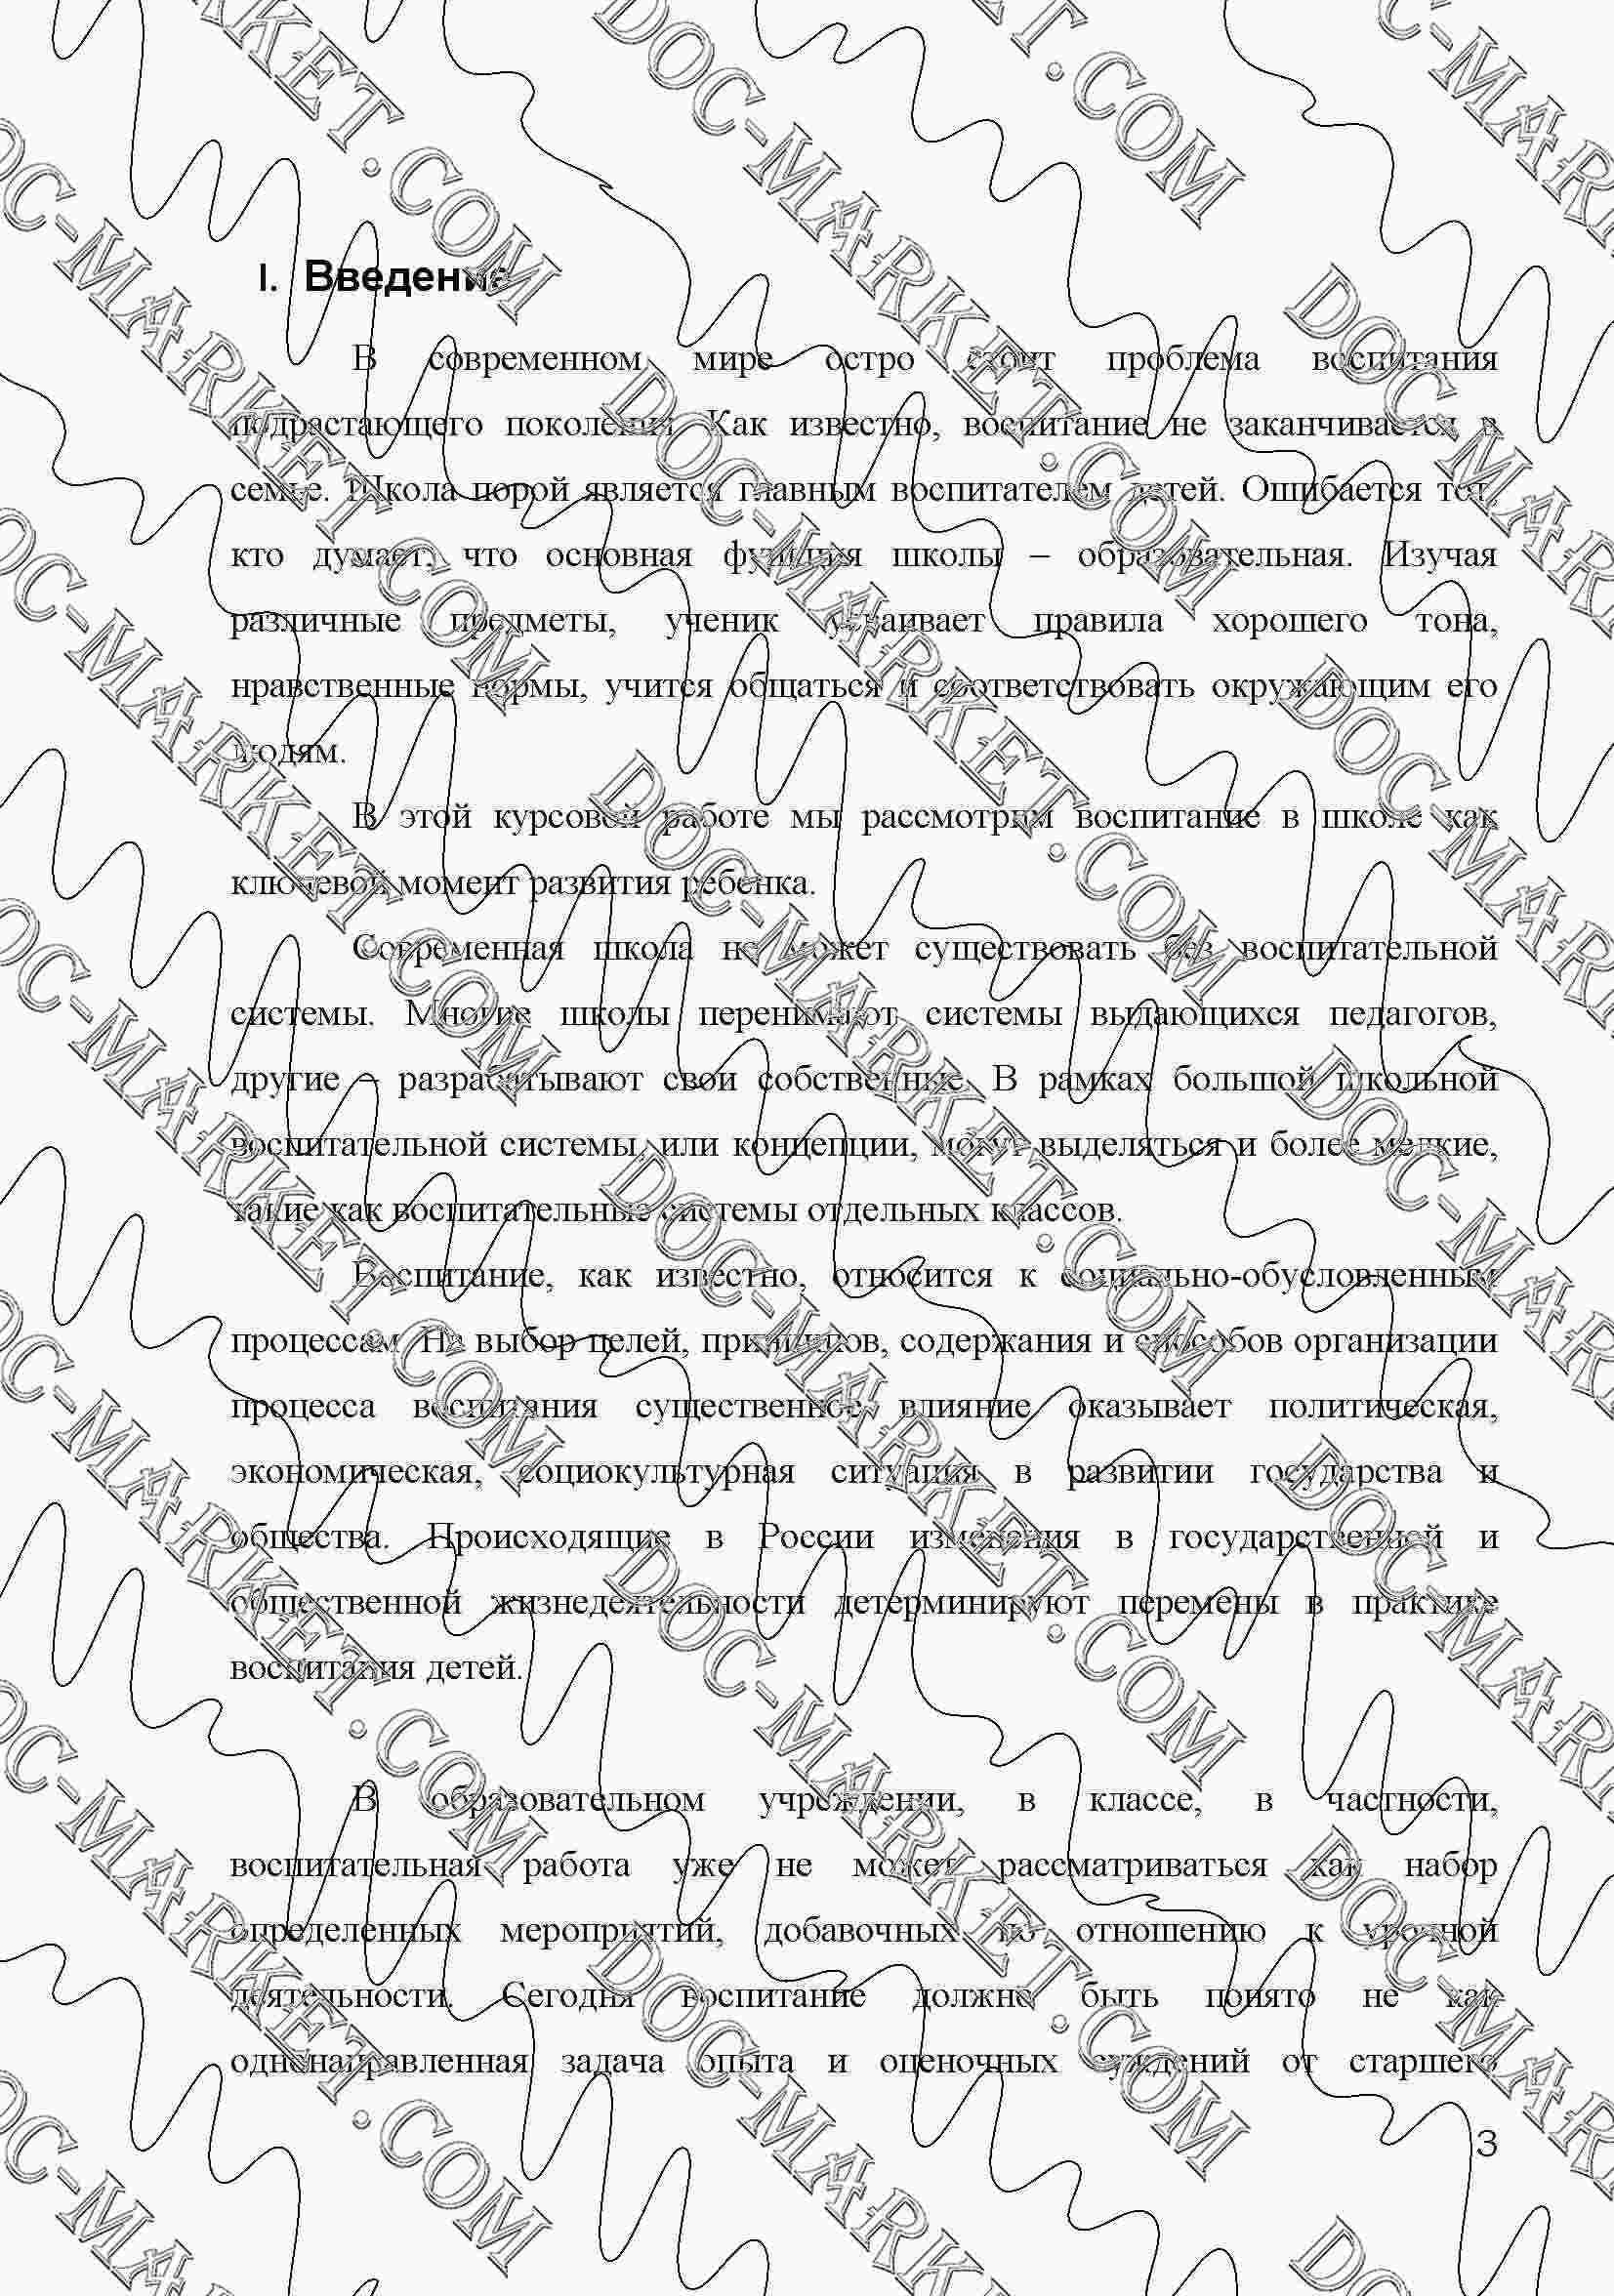 пинский физика 8 класс скачать -гдз -решебник